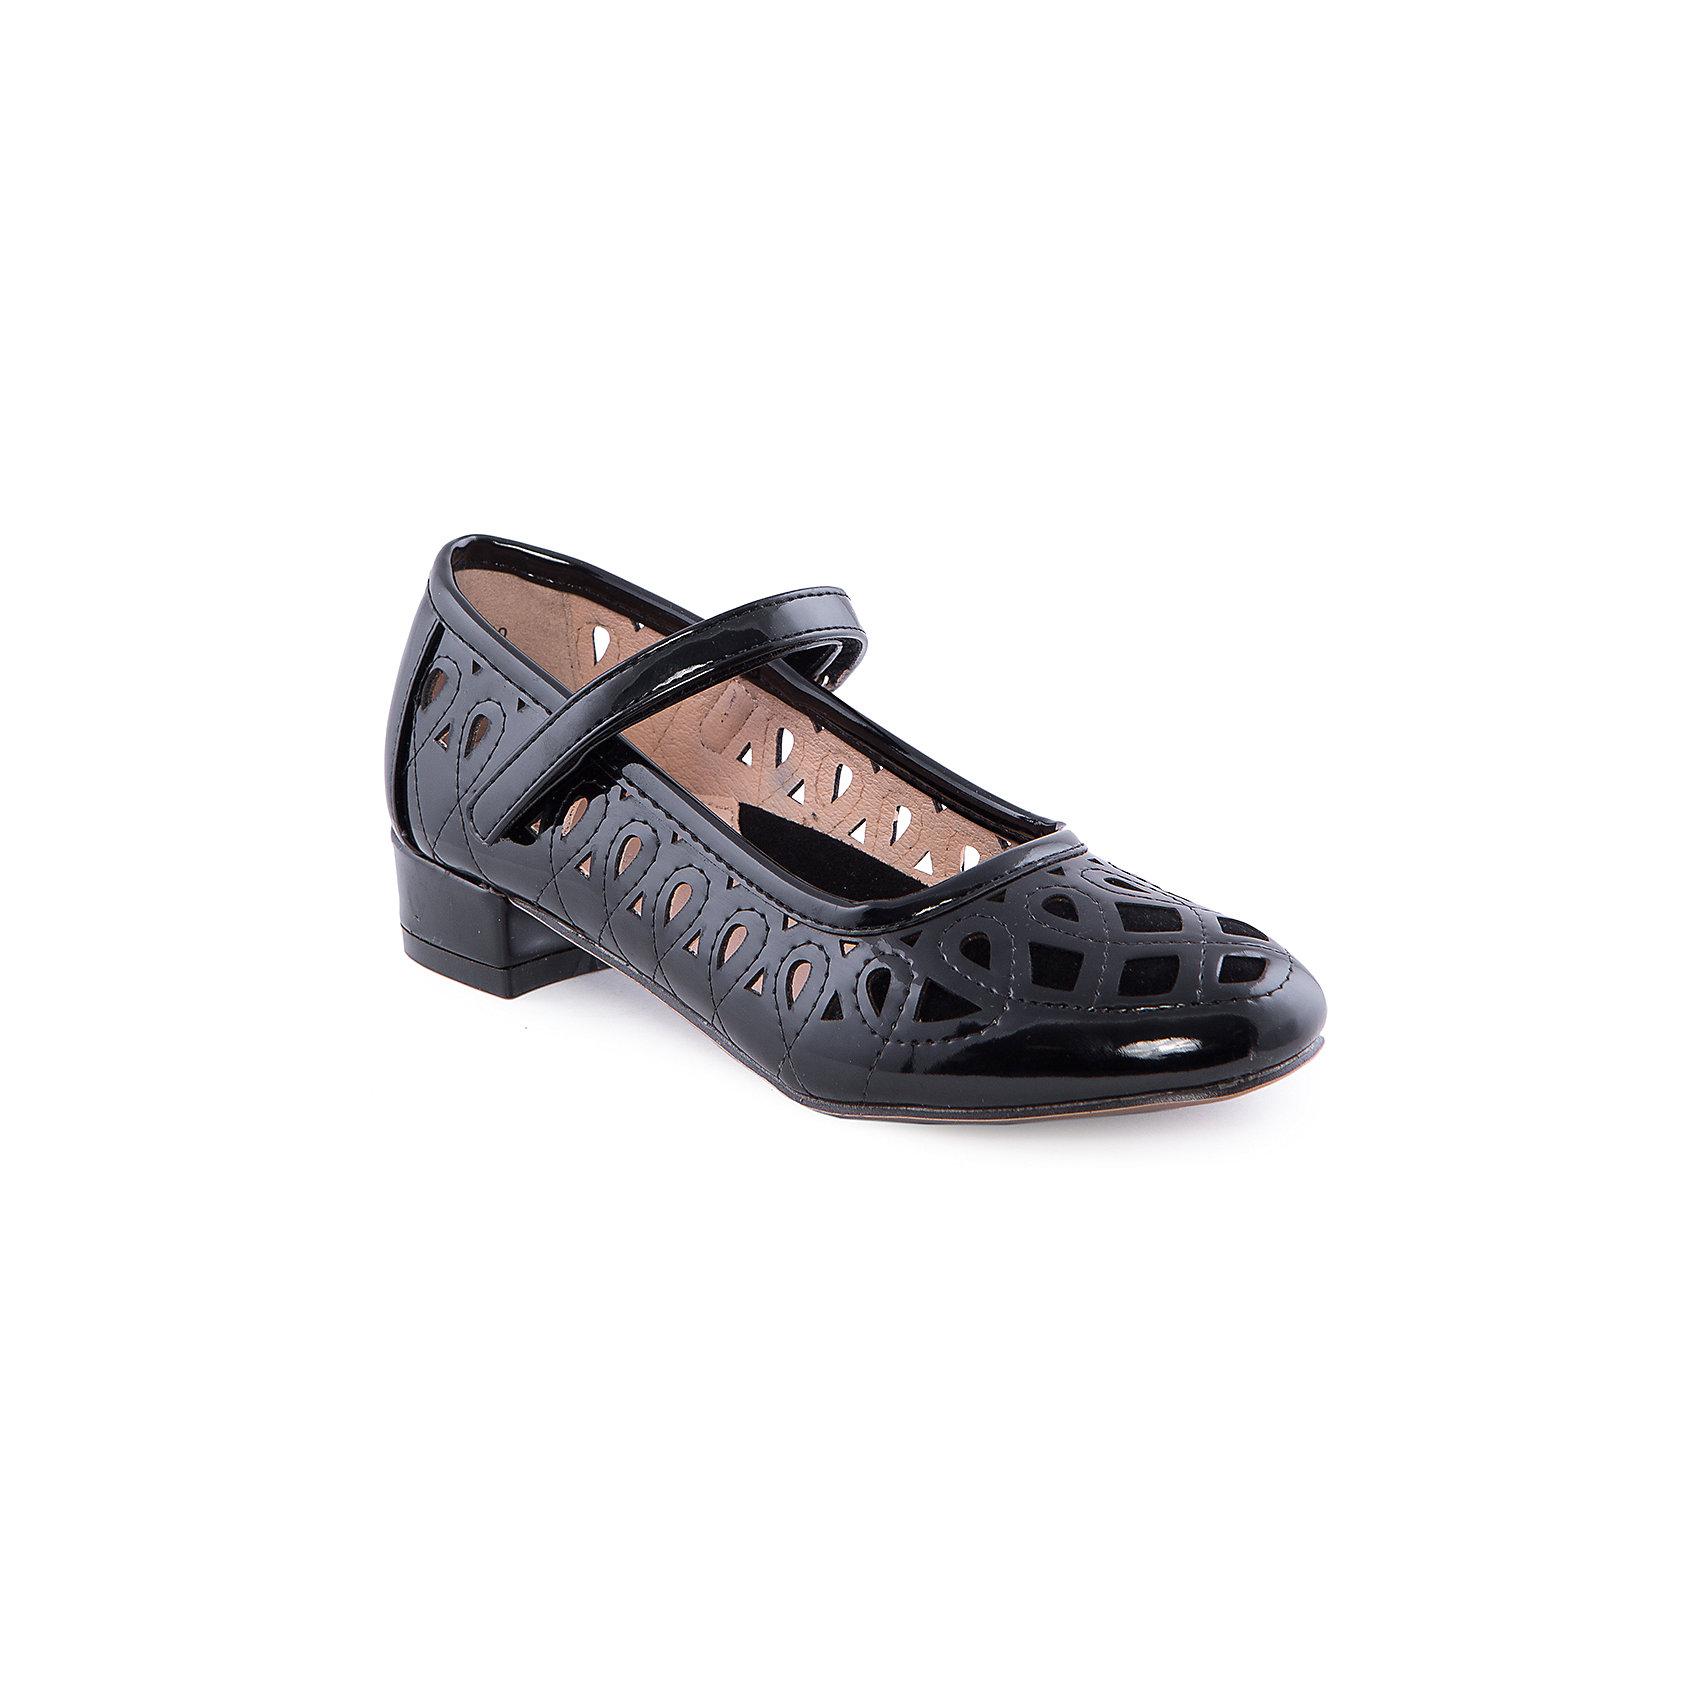 Туфли для девочки ЗебраТуфли для девочки от известного российского бренда детской обуви Зебра.<br>Такие черные туфли классической формы станут удобной универсальной обувью для школы. Отлично смотрятся и с юбкой, и с брюками.<br>Отличительные особенности модели:<br>- универсальный черный цвет;<br>- комфортная колодка;<br>- устойчивая износостойкая подошва;<br>- удобные застежки-липучки;<br>- материал подкладки – натуральная кожа.<br>Дополнительная информация:<br>- Температурный режим: от + 10° С  до + 25° С.<br>- Состав:<br>материал верха: искусственная кожа<br>материал подкладки: натуральная кожа<br>подошва: ТПР.<br>Туфли для девочки от бренда Зебра можно купить в нашем магазине.<br><br>Ширина мм: 227<br>Глубина мм: 145<br>Высота мм: 124<br>Вес г: 325<br>Цвет: черный<br>Возраст от месяцев: 120<br>Возраст до месяцев: 132<br>Пол: Женский<br>Возраст: Детский<br>Размер: 34,33,37,35,36,37.5<br>SKU: 4211278